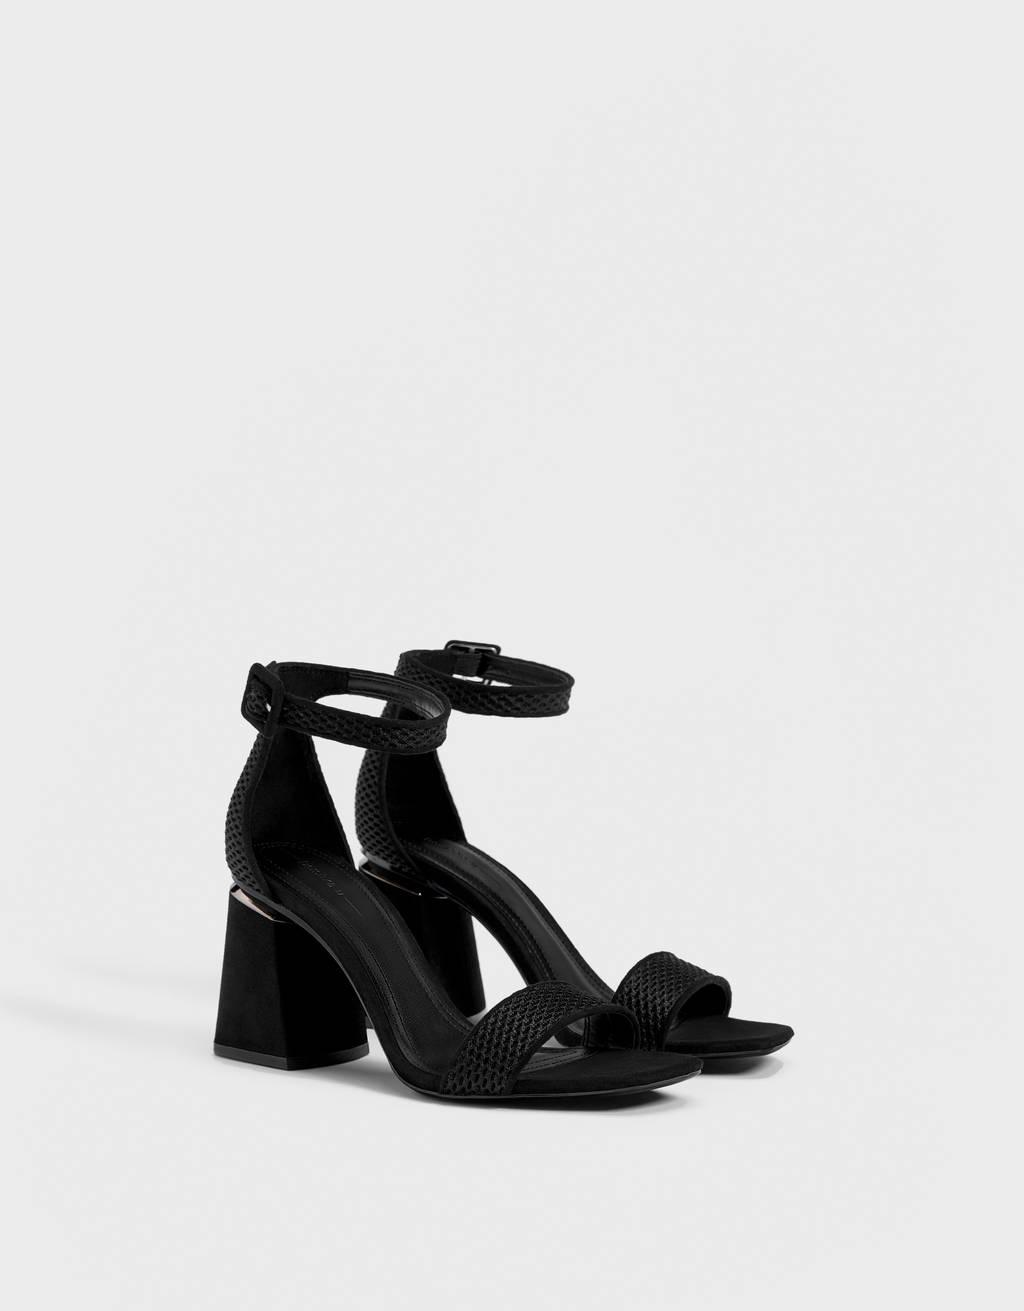 Sandales talon détail métallique.